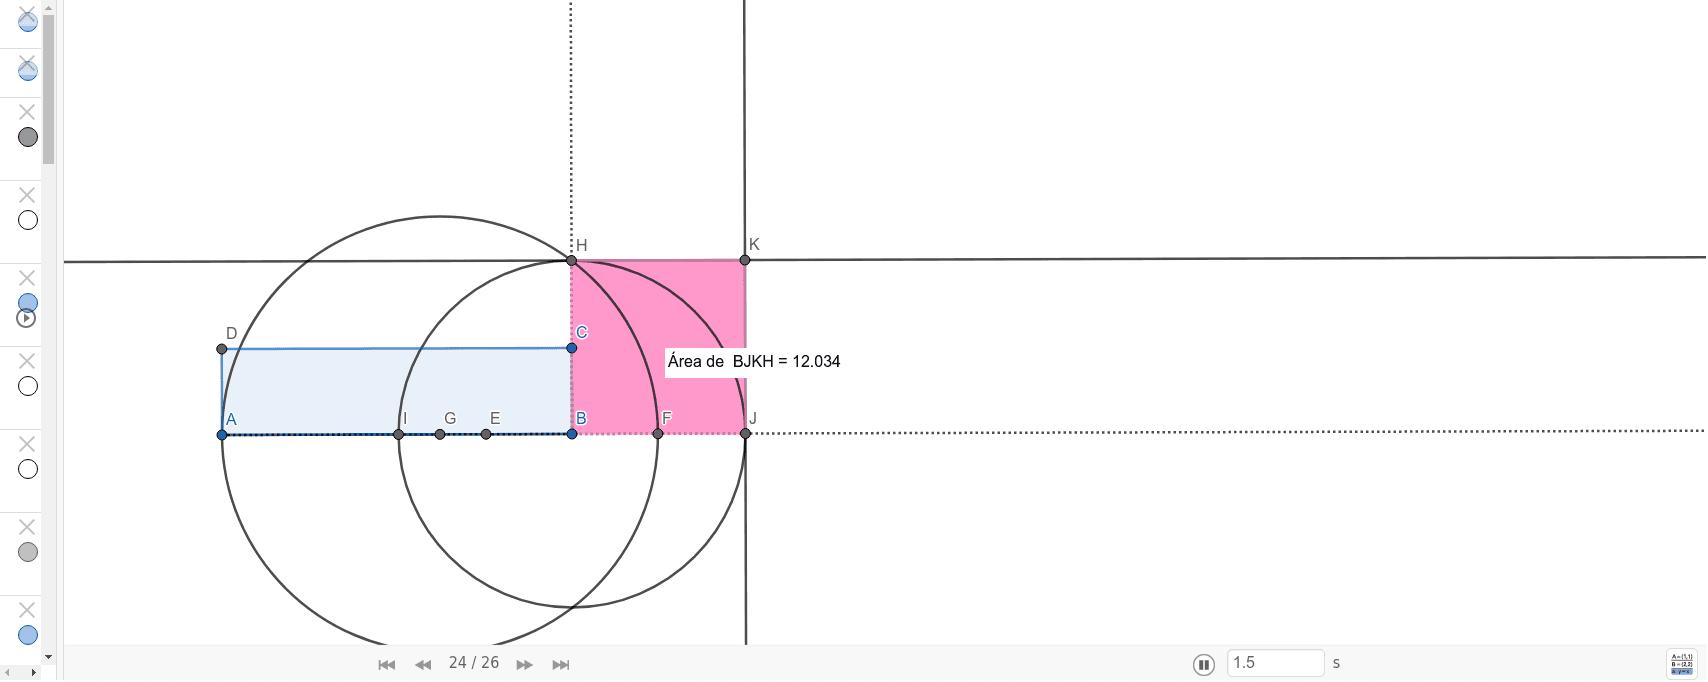 La cuadratura de una figura plana es la construcción con regla y compás de un cuadrado con la misma superficie de la figura plana original.